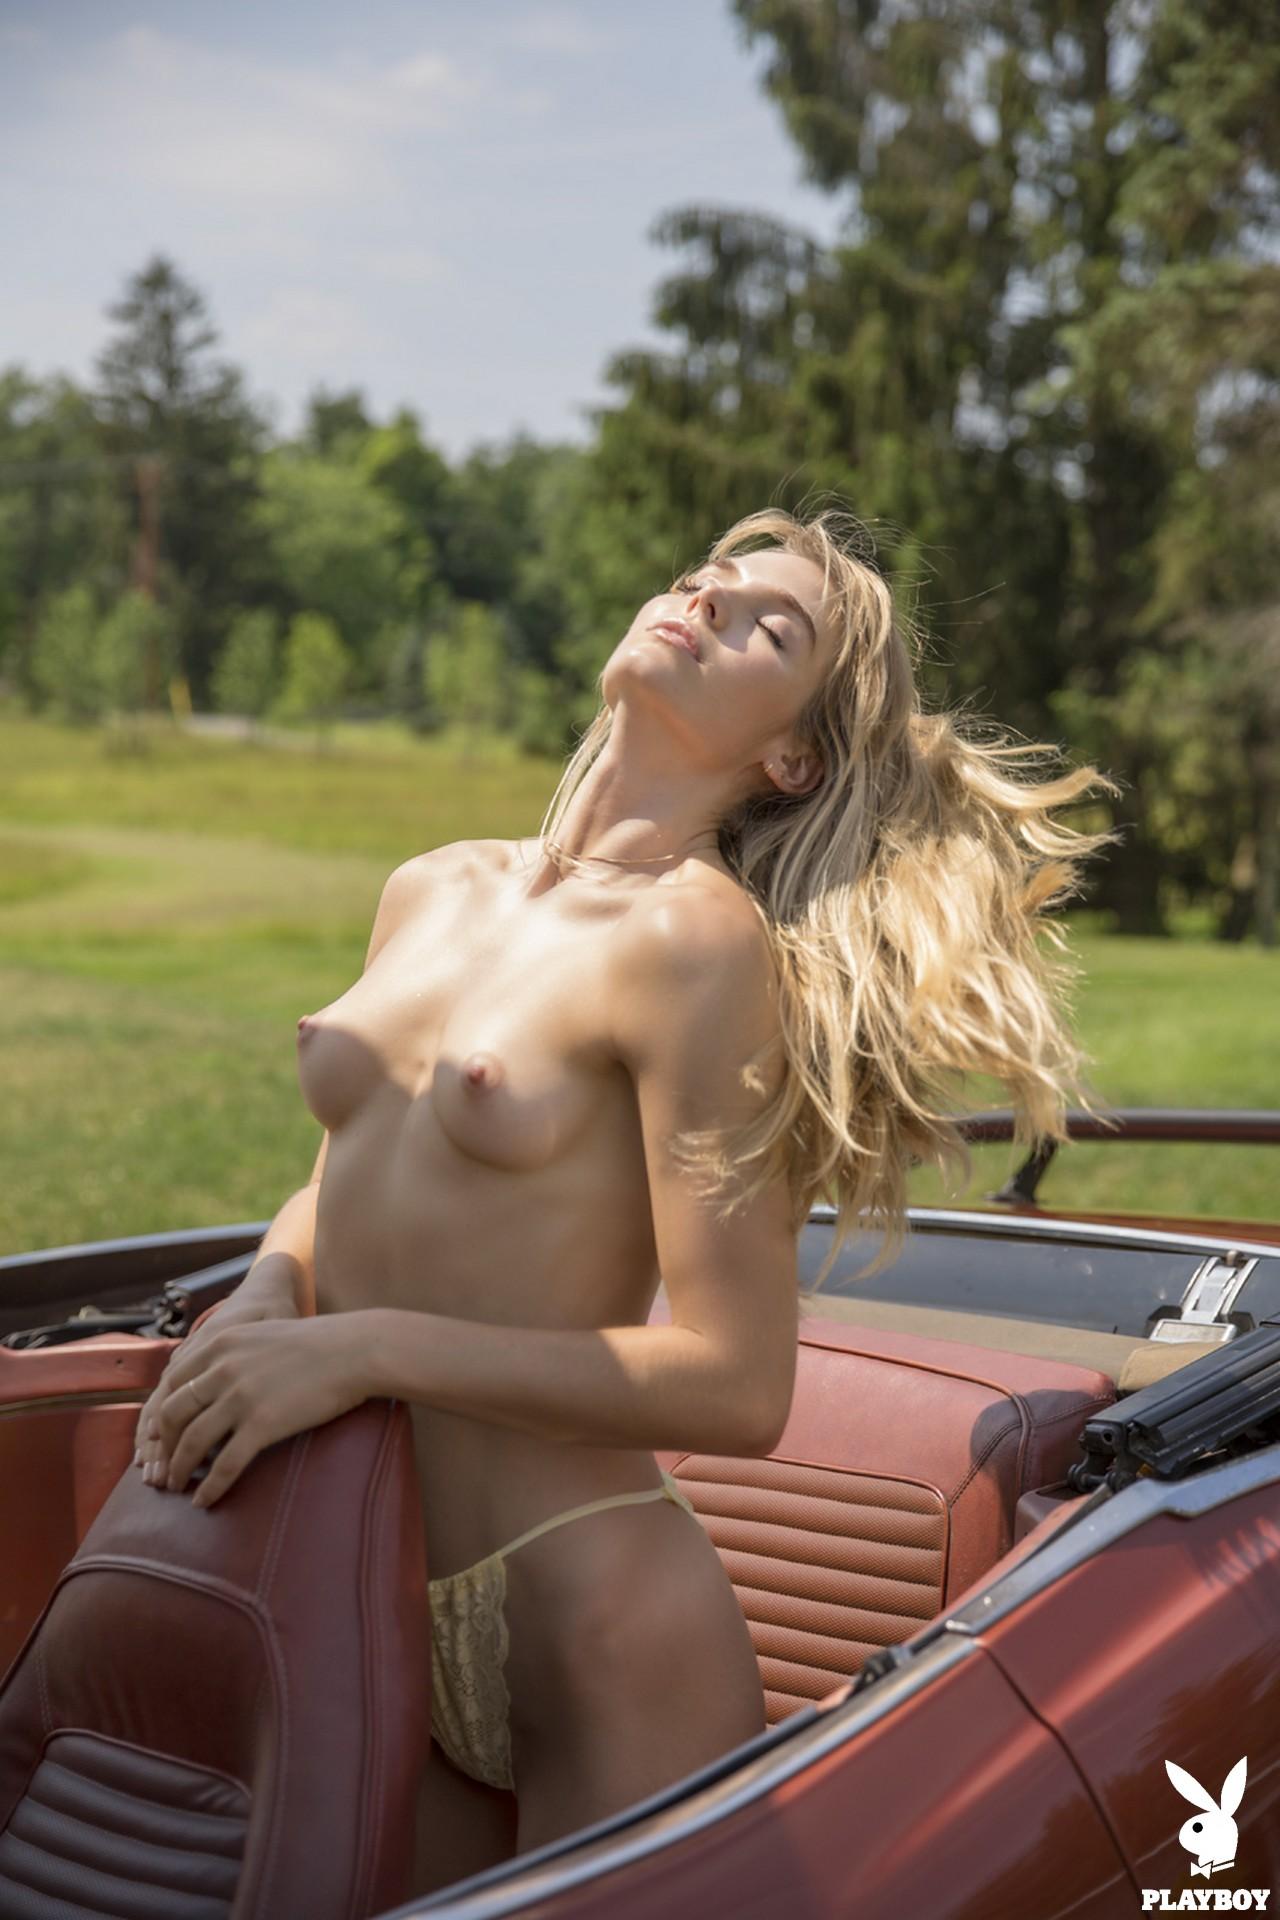 Jordy Murray in Feeling Groovy - Playboy Plus 9